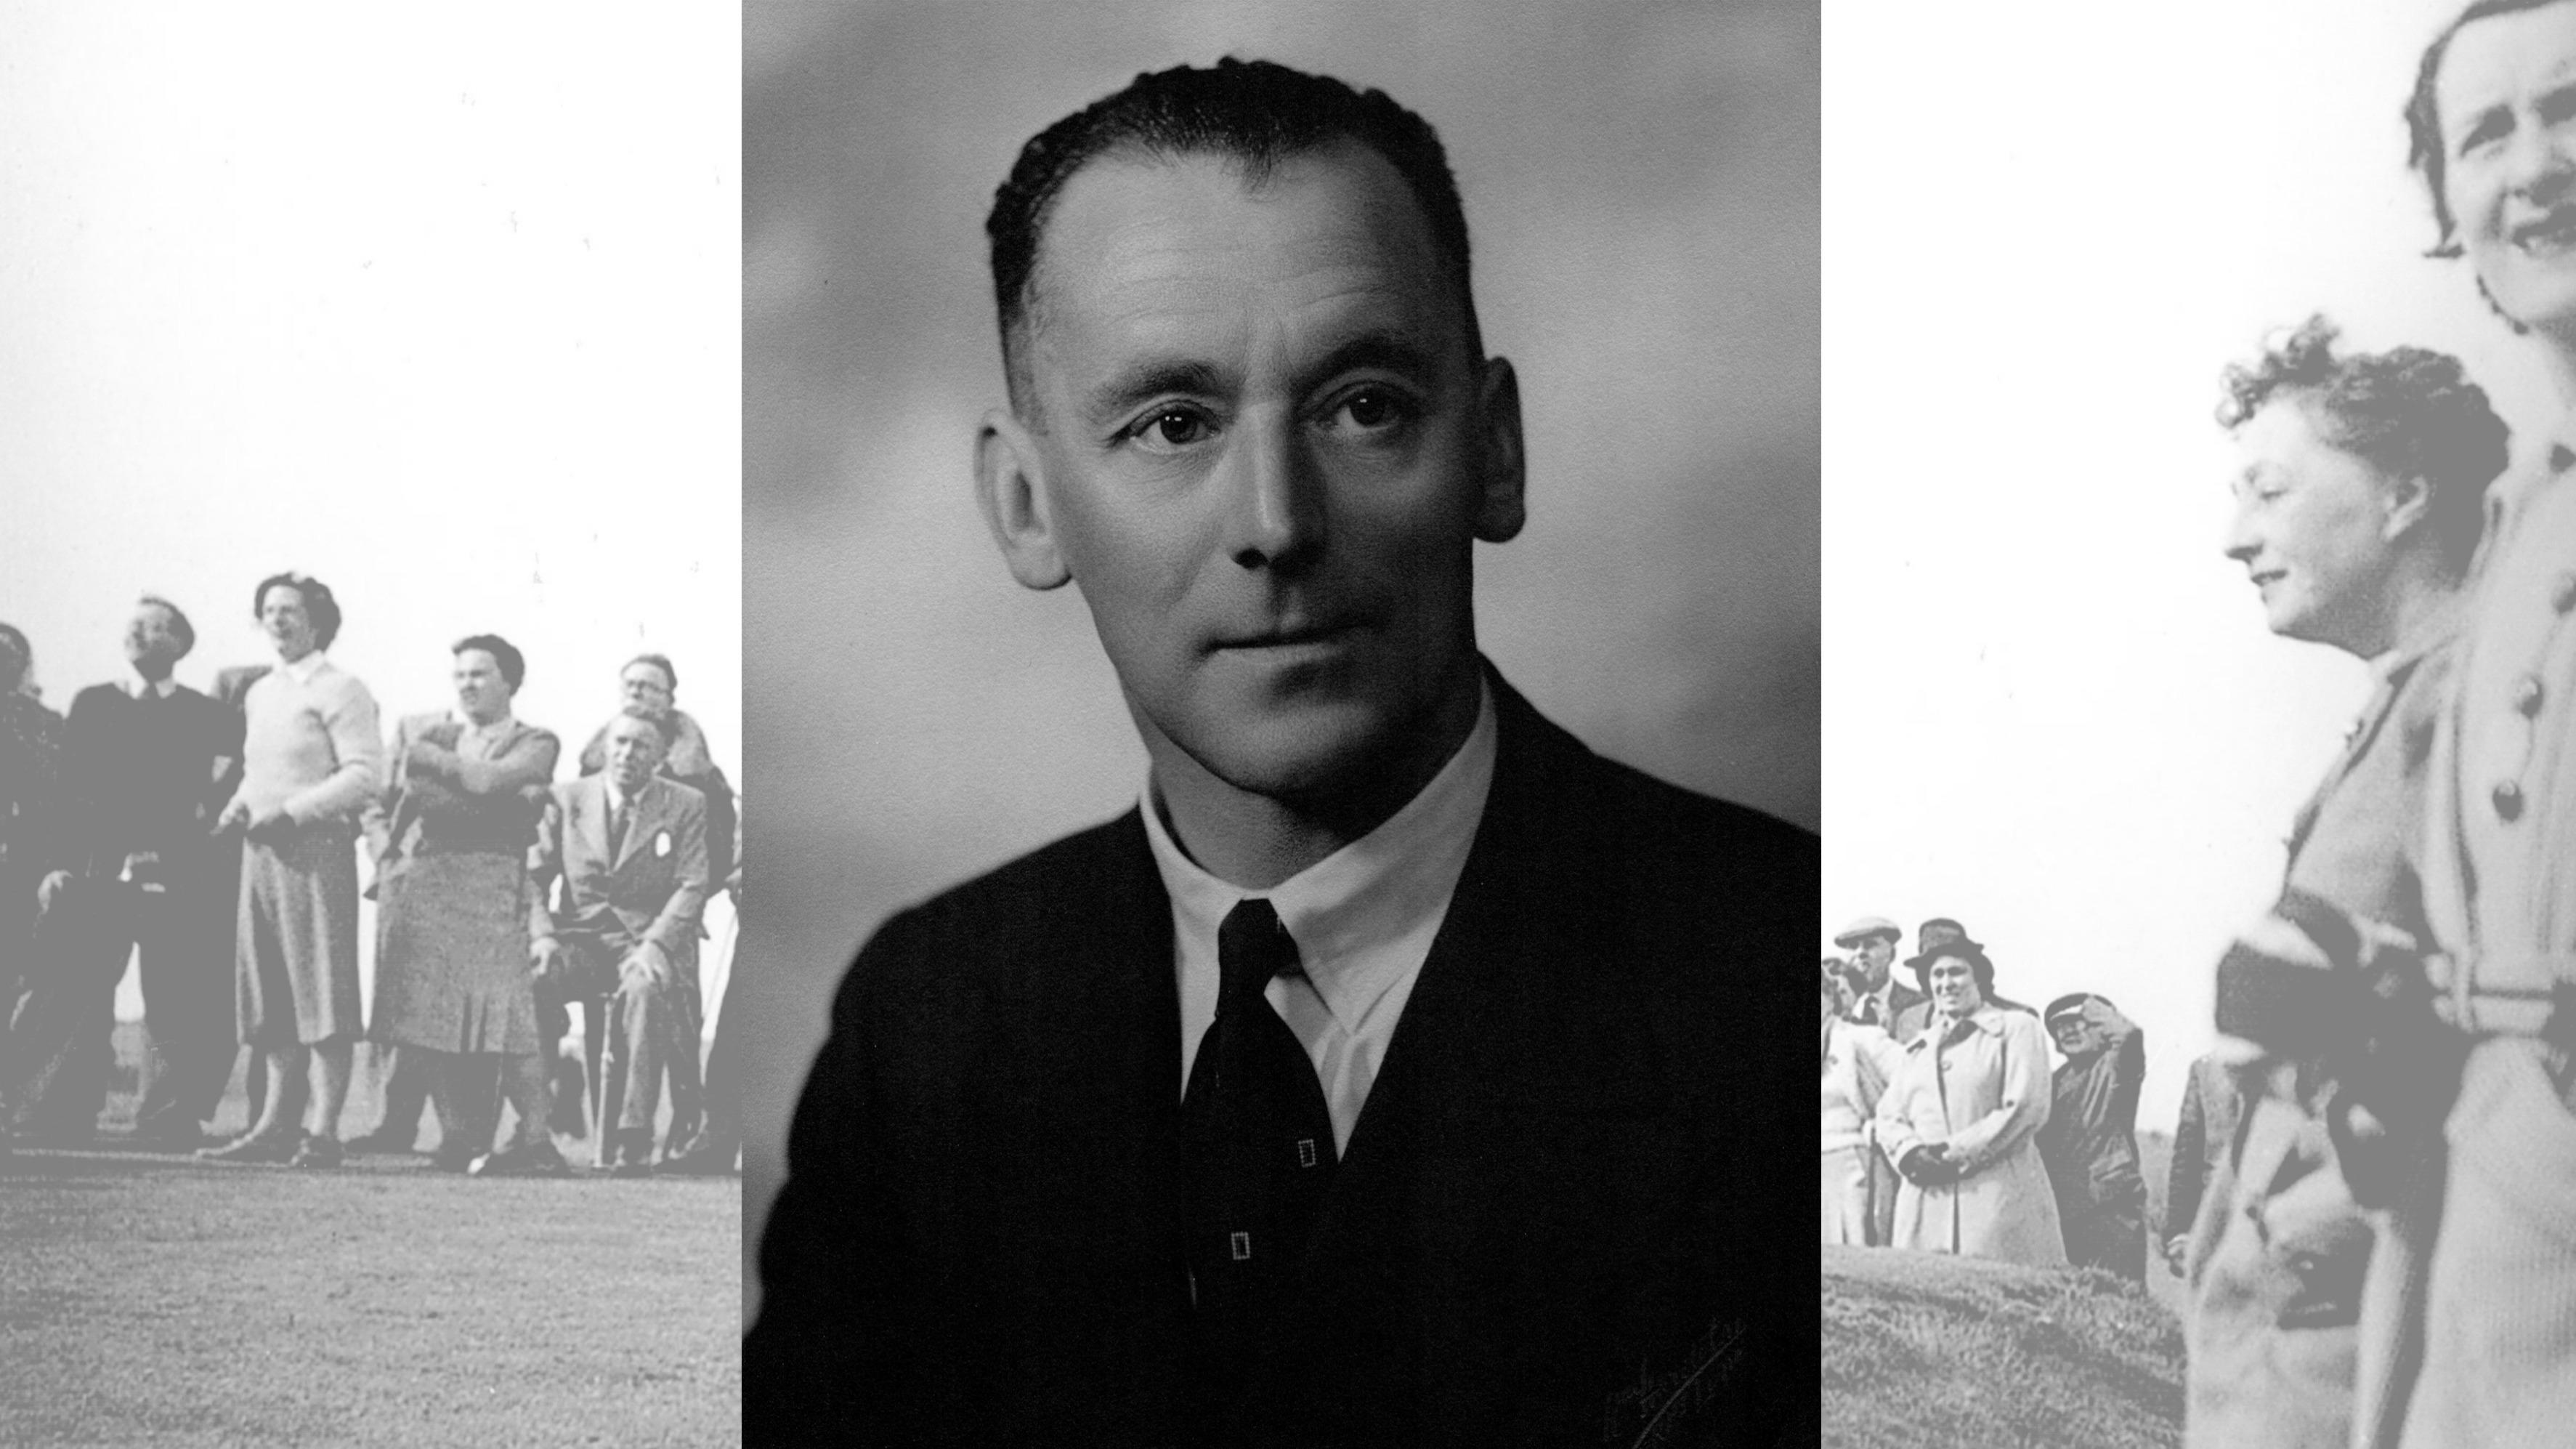 1938 - W T Mead